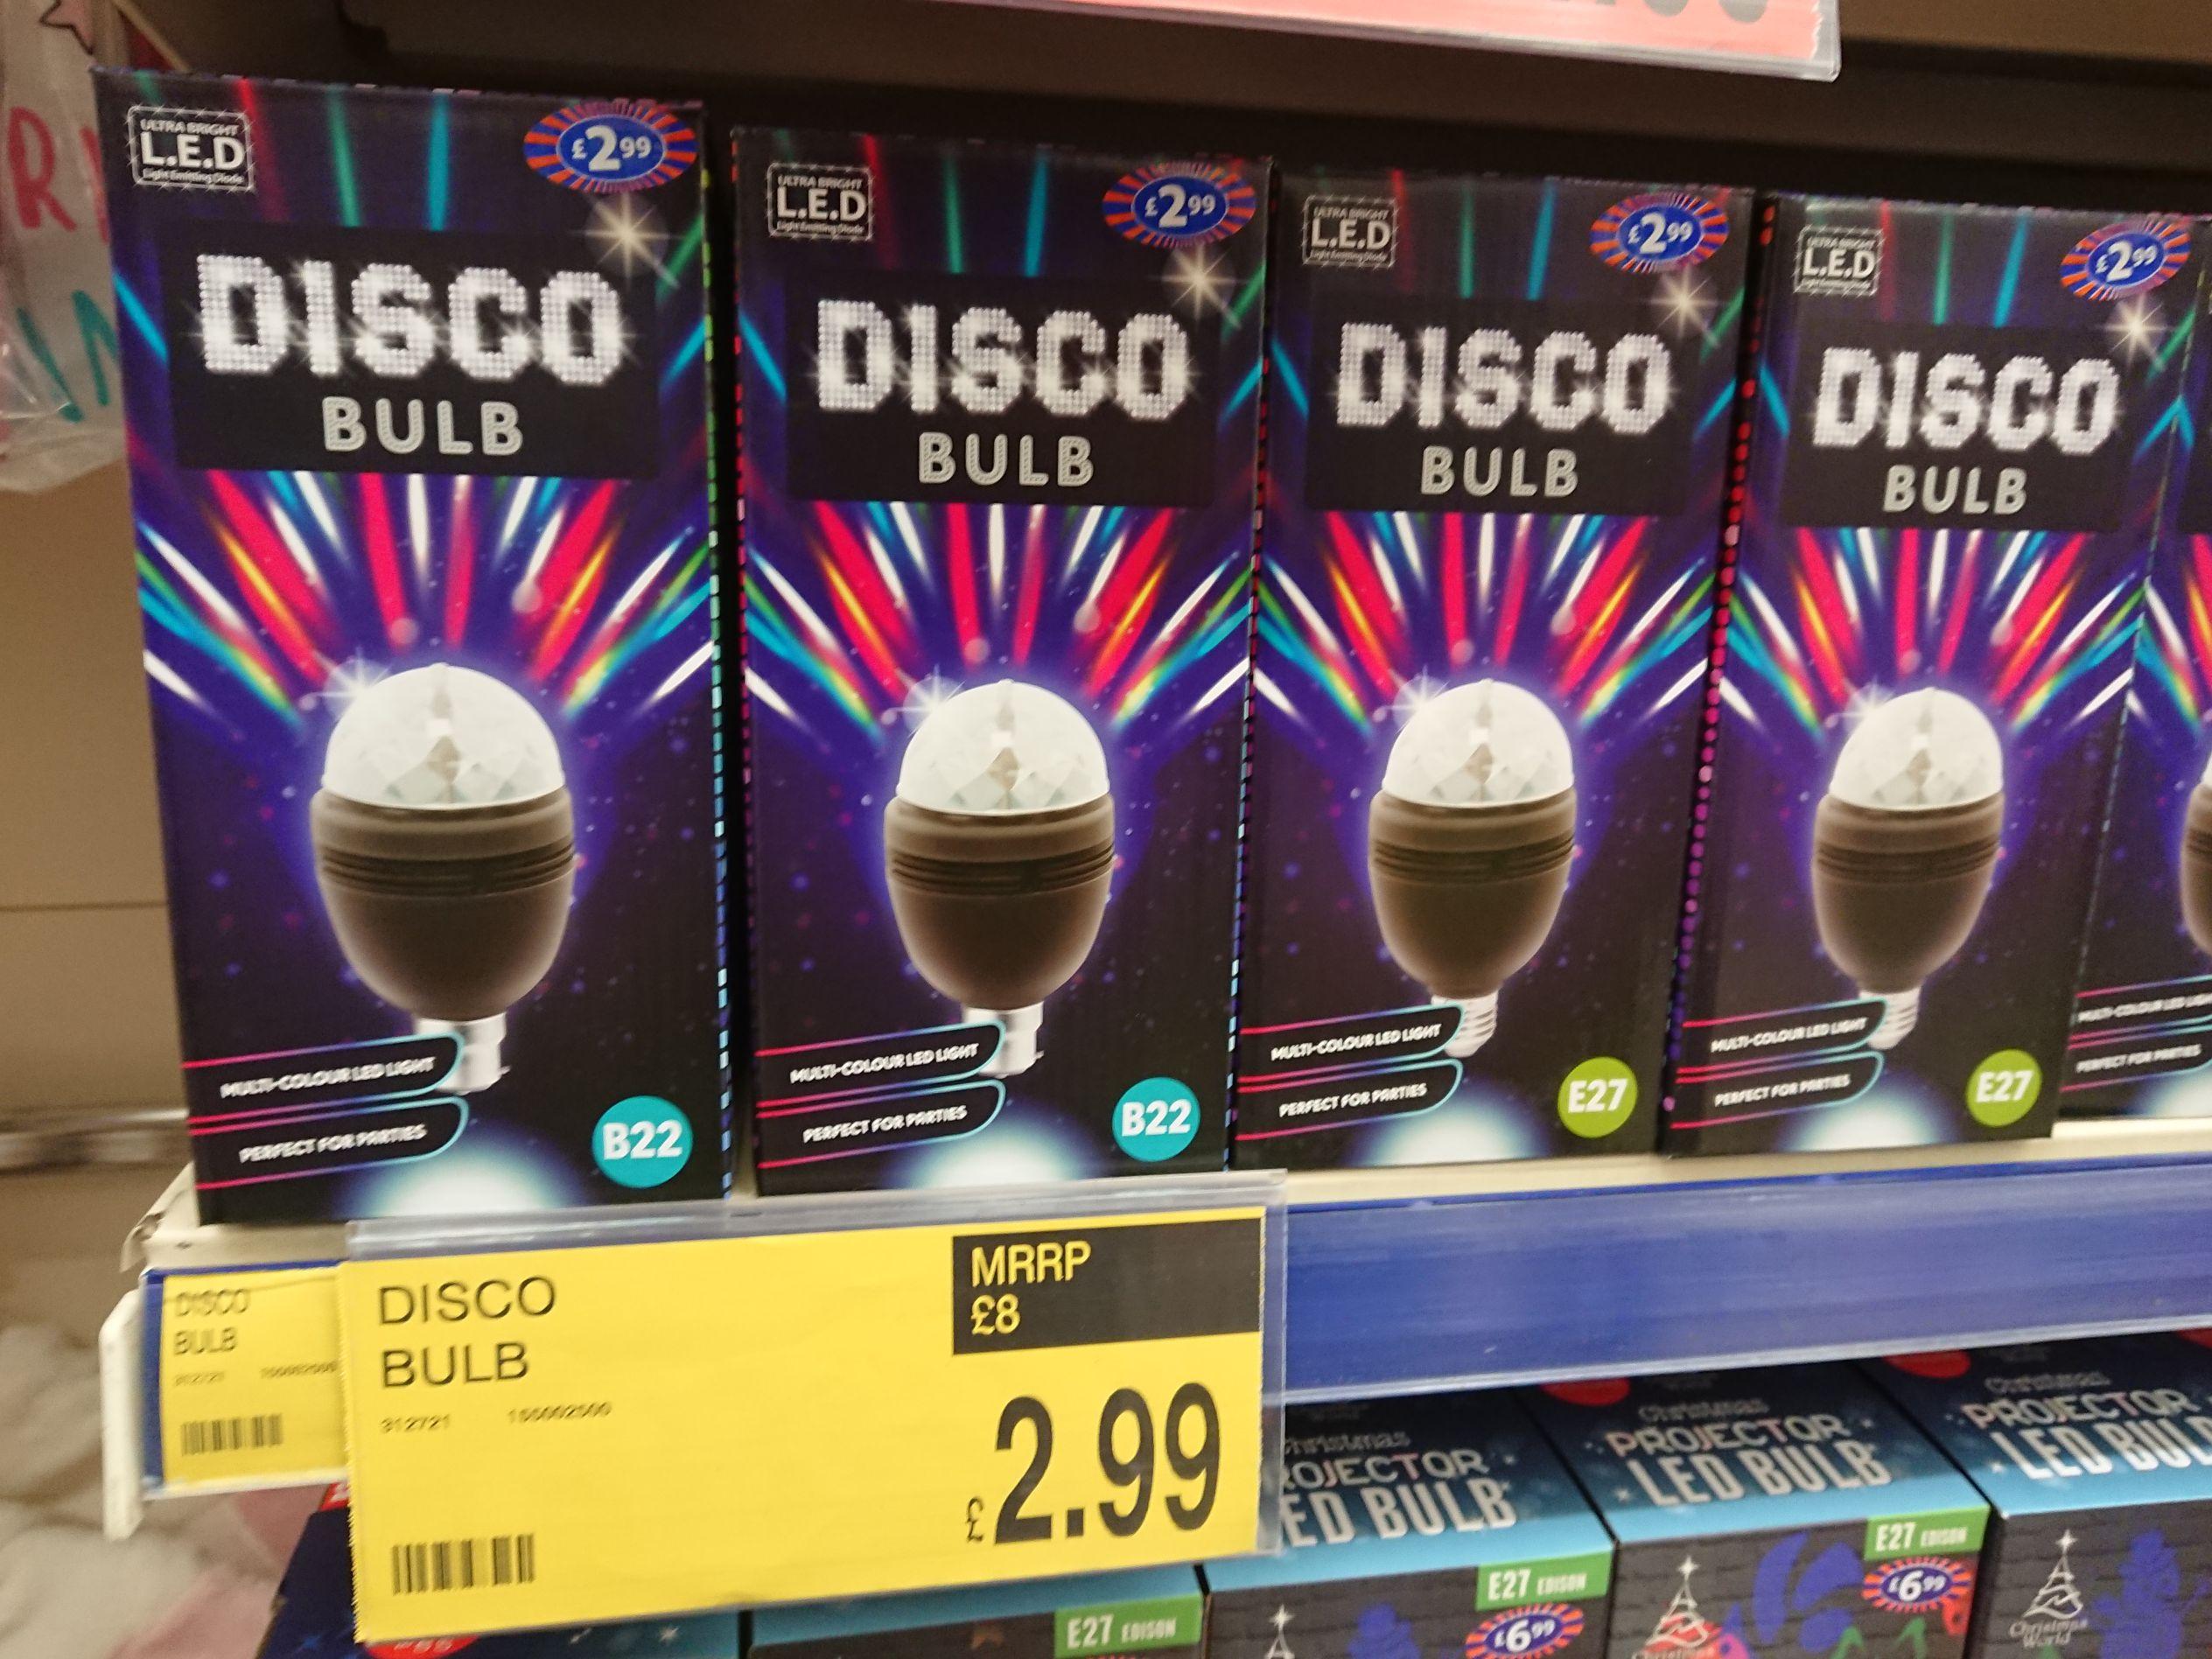 Disco Bulb at B&M. £2.99!